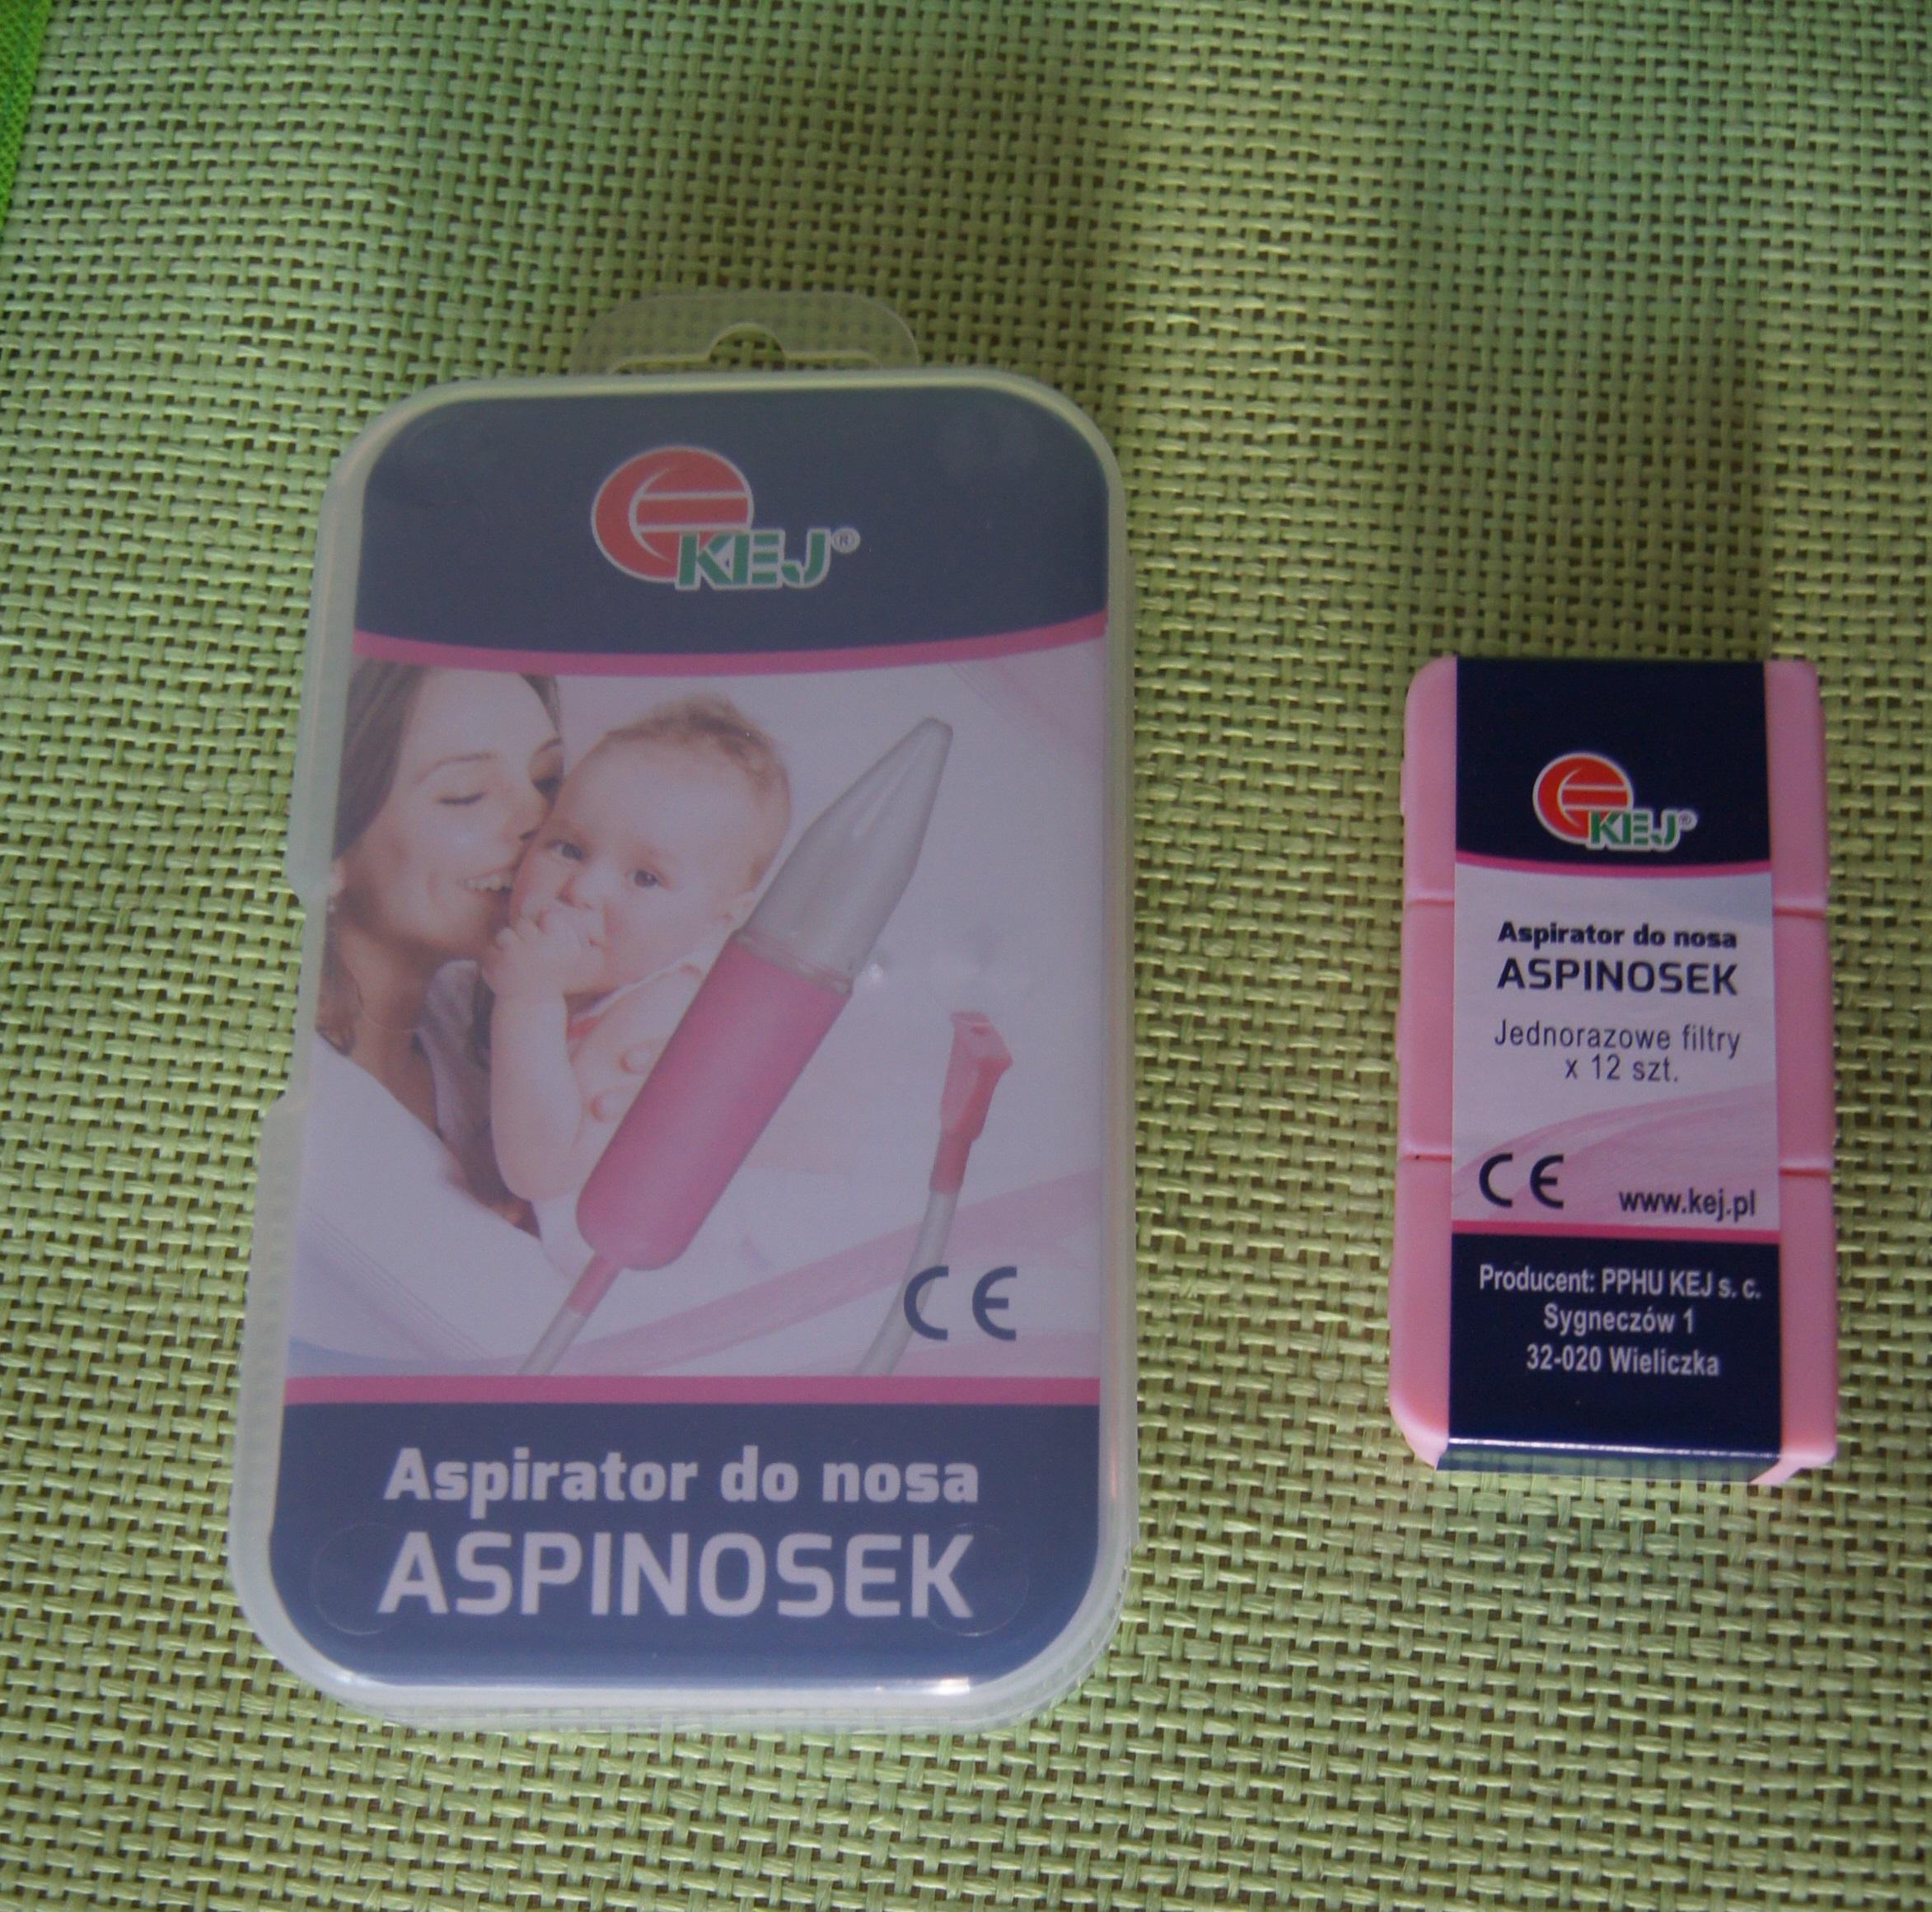 aspinosek